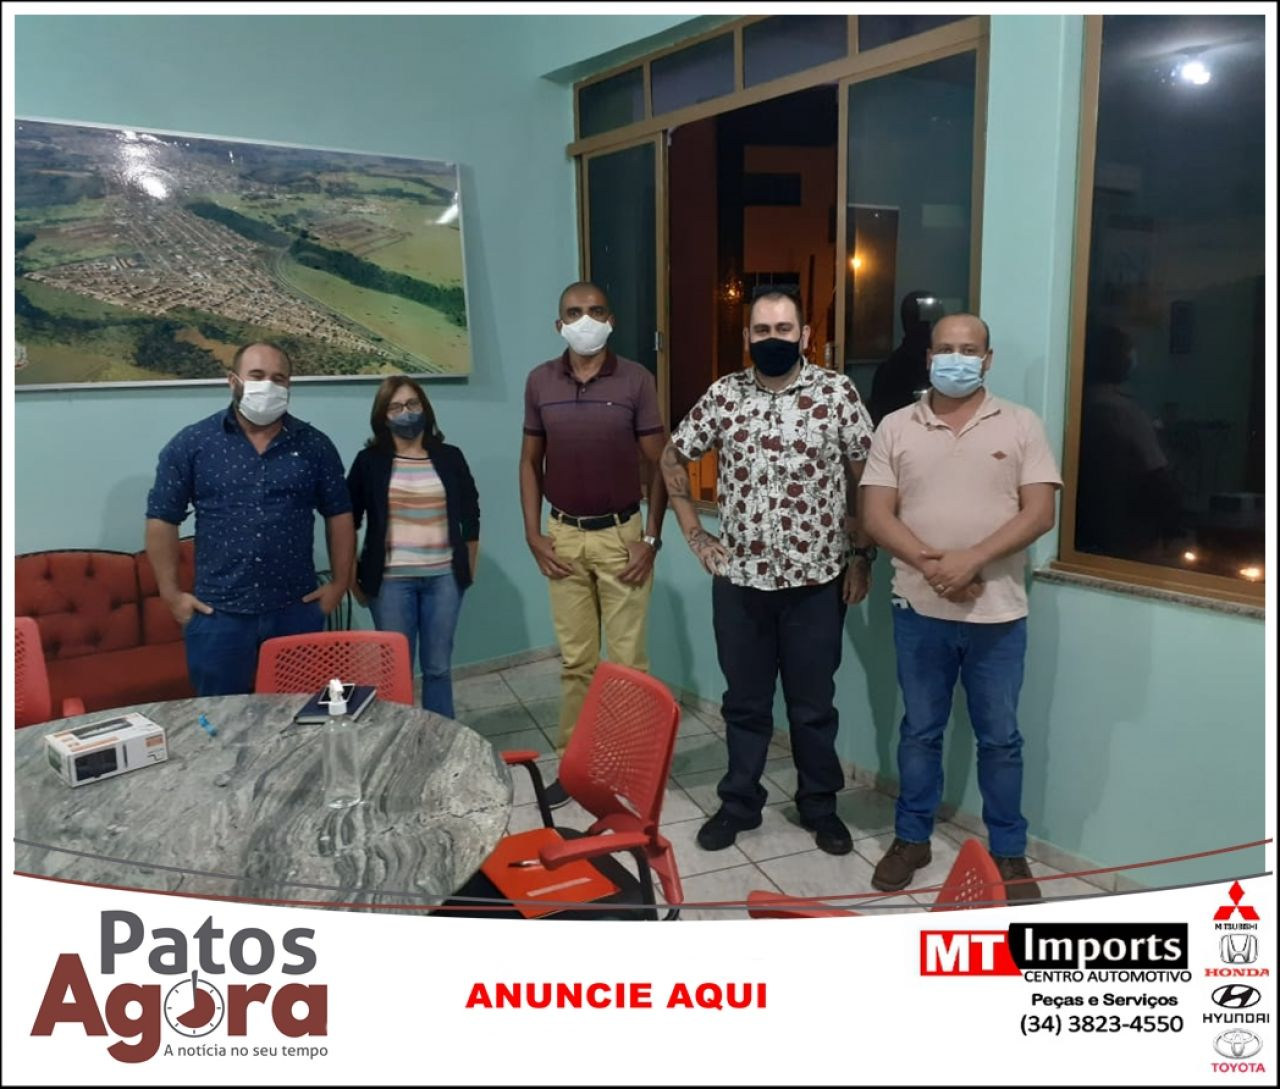 Prefeitura de Presidente Olegário se encontra com agentes culturais para falar sobre novo sítio arqueológico